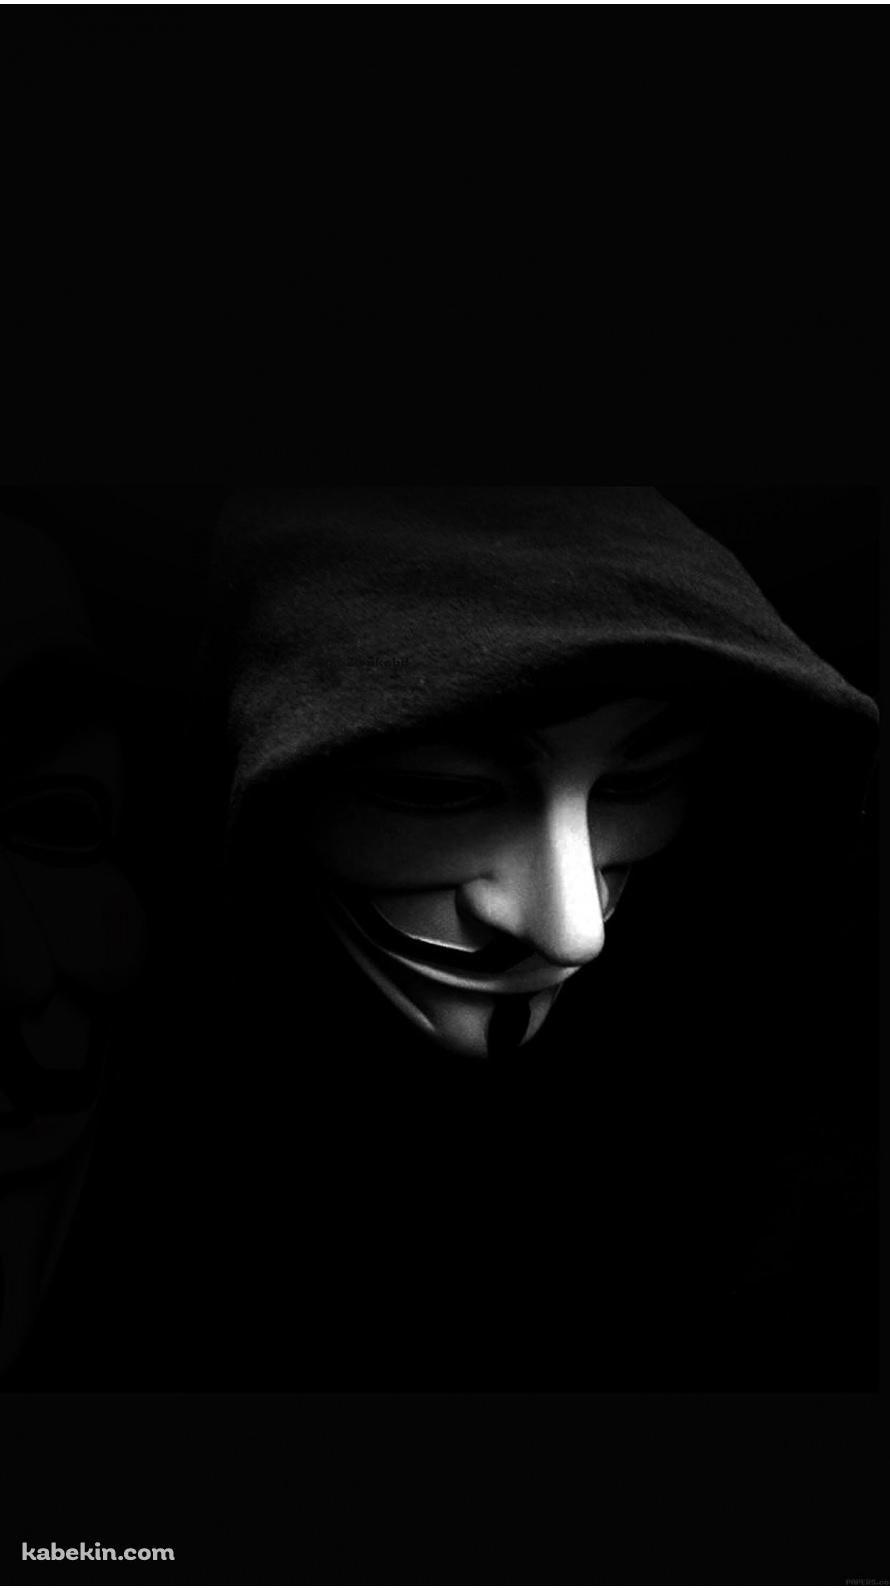 アノニマスのiphone壁紙 Anonymus 黒の壁紙 壁紙 Iphone 壁紙